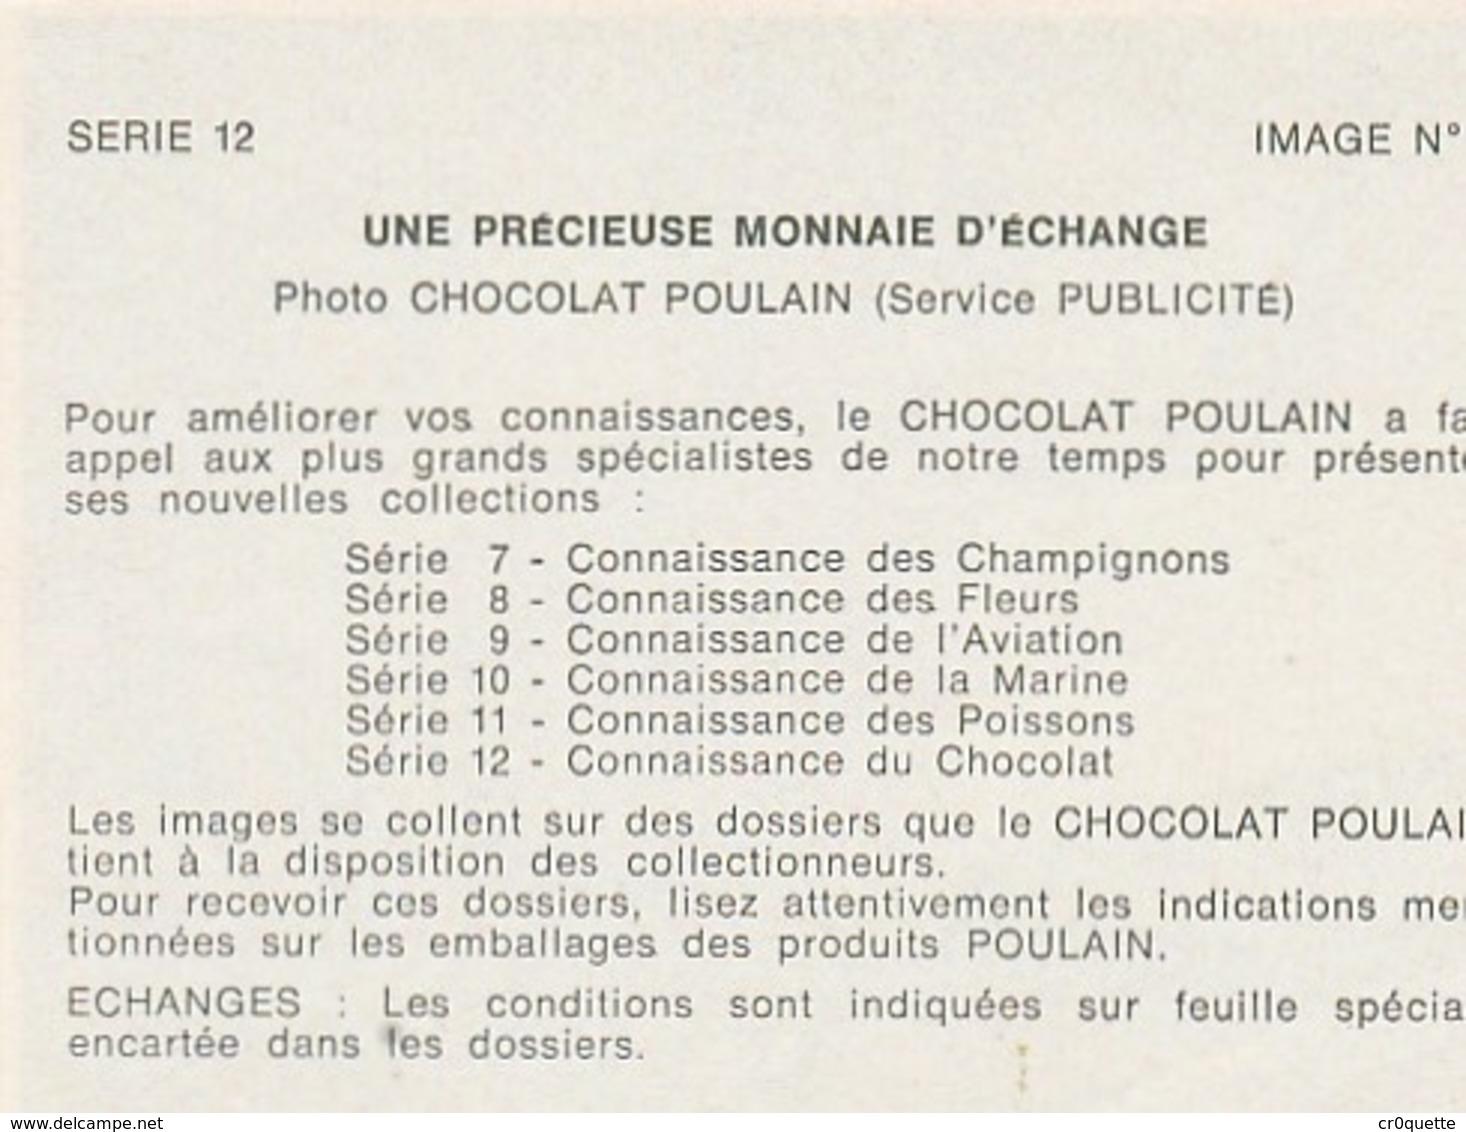 CHOCOLAT POULAIN - LOT DE 10 IMAGES SERIE 12 CONNAISSANCE DU CHOCOLAT - Old Paper